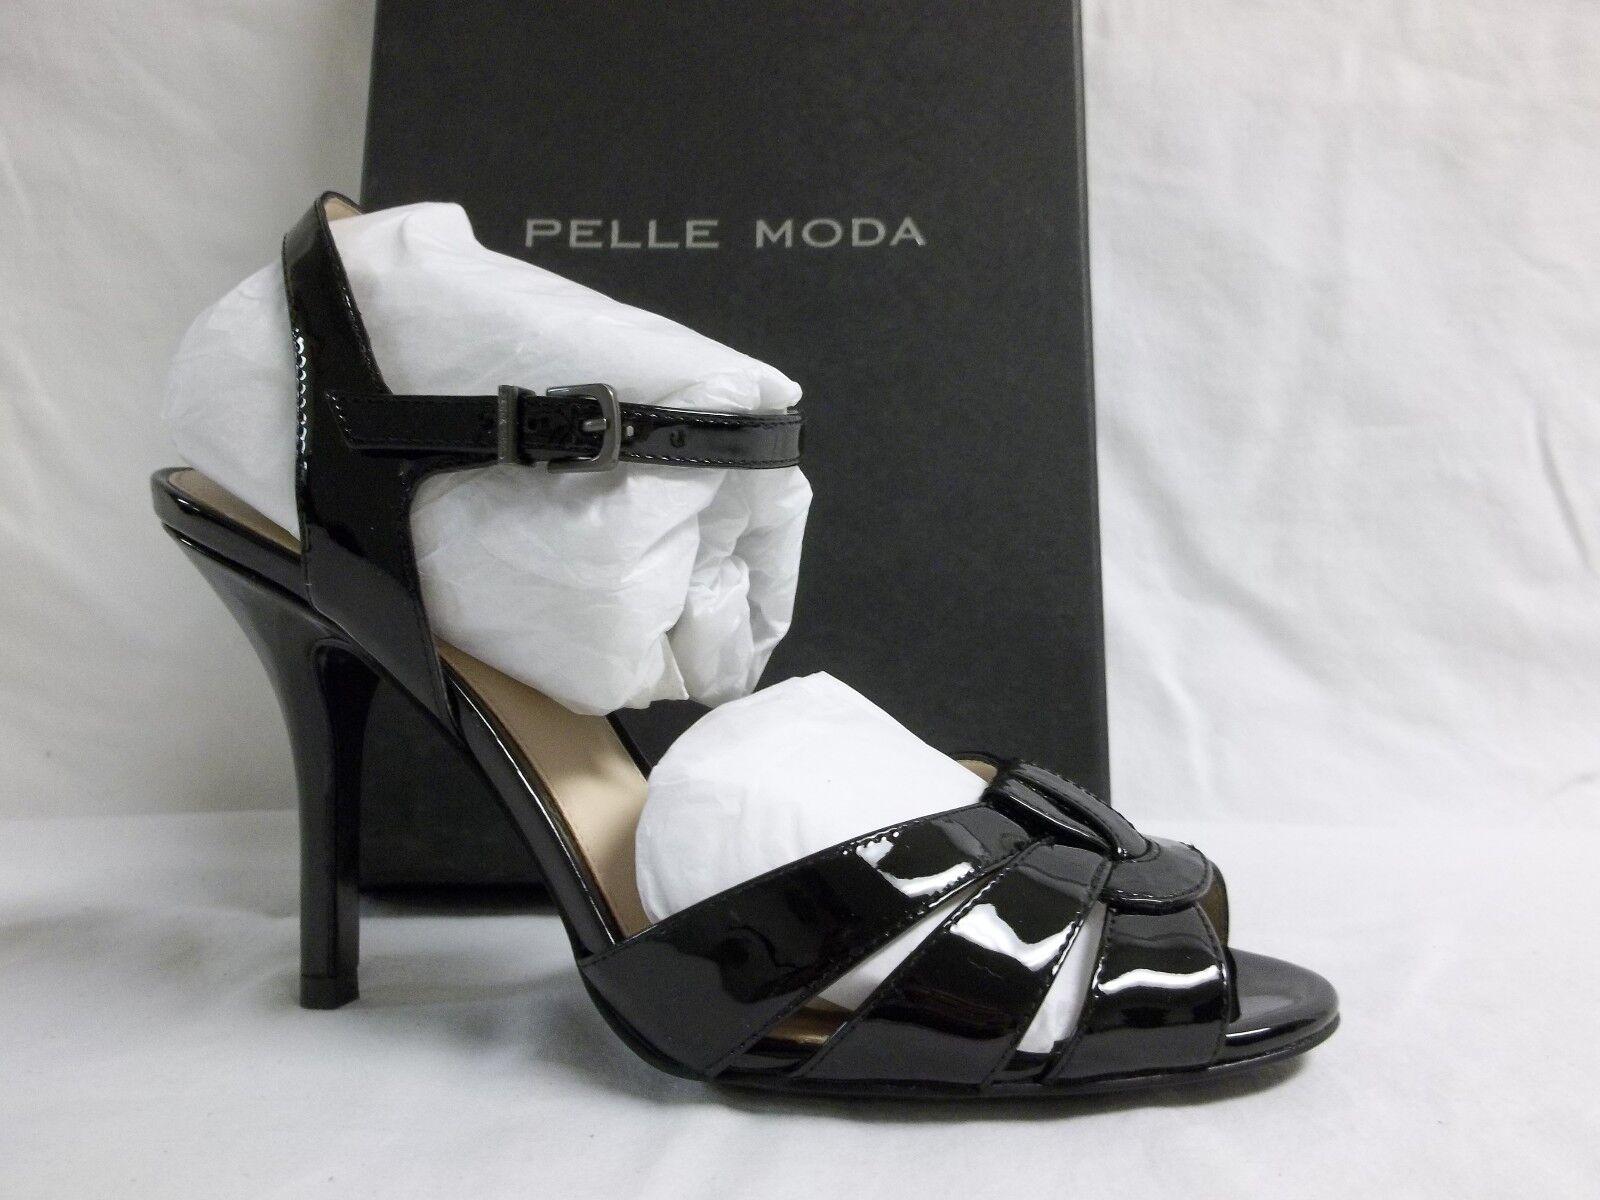 Pelle Moda Taille 8 M Gypsy Noir Cuir Verni Bout Ouvert Talons Hauts Pour Femme Chaussures